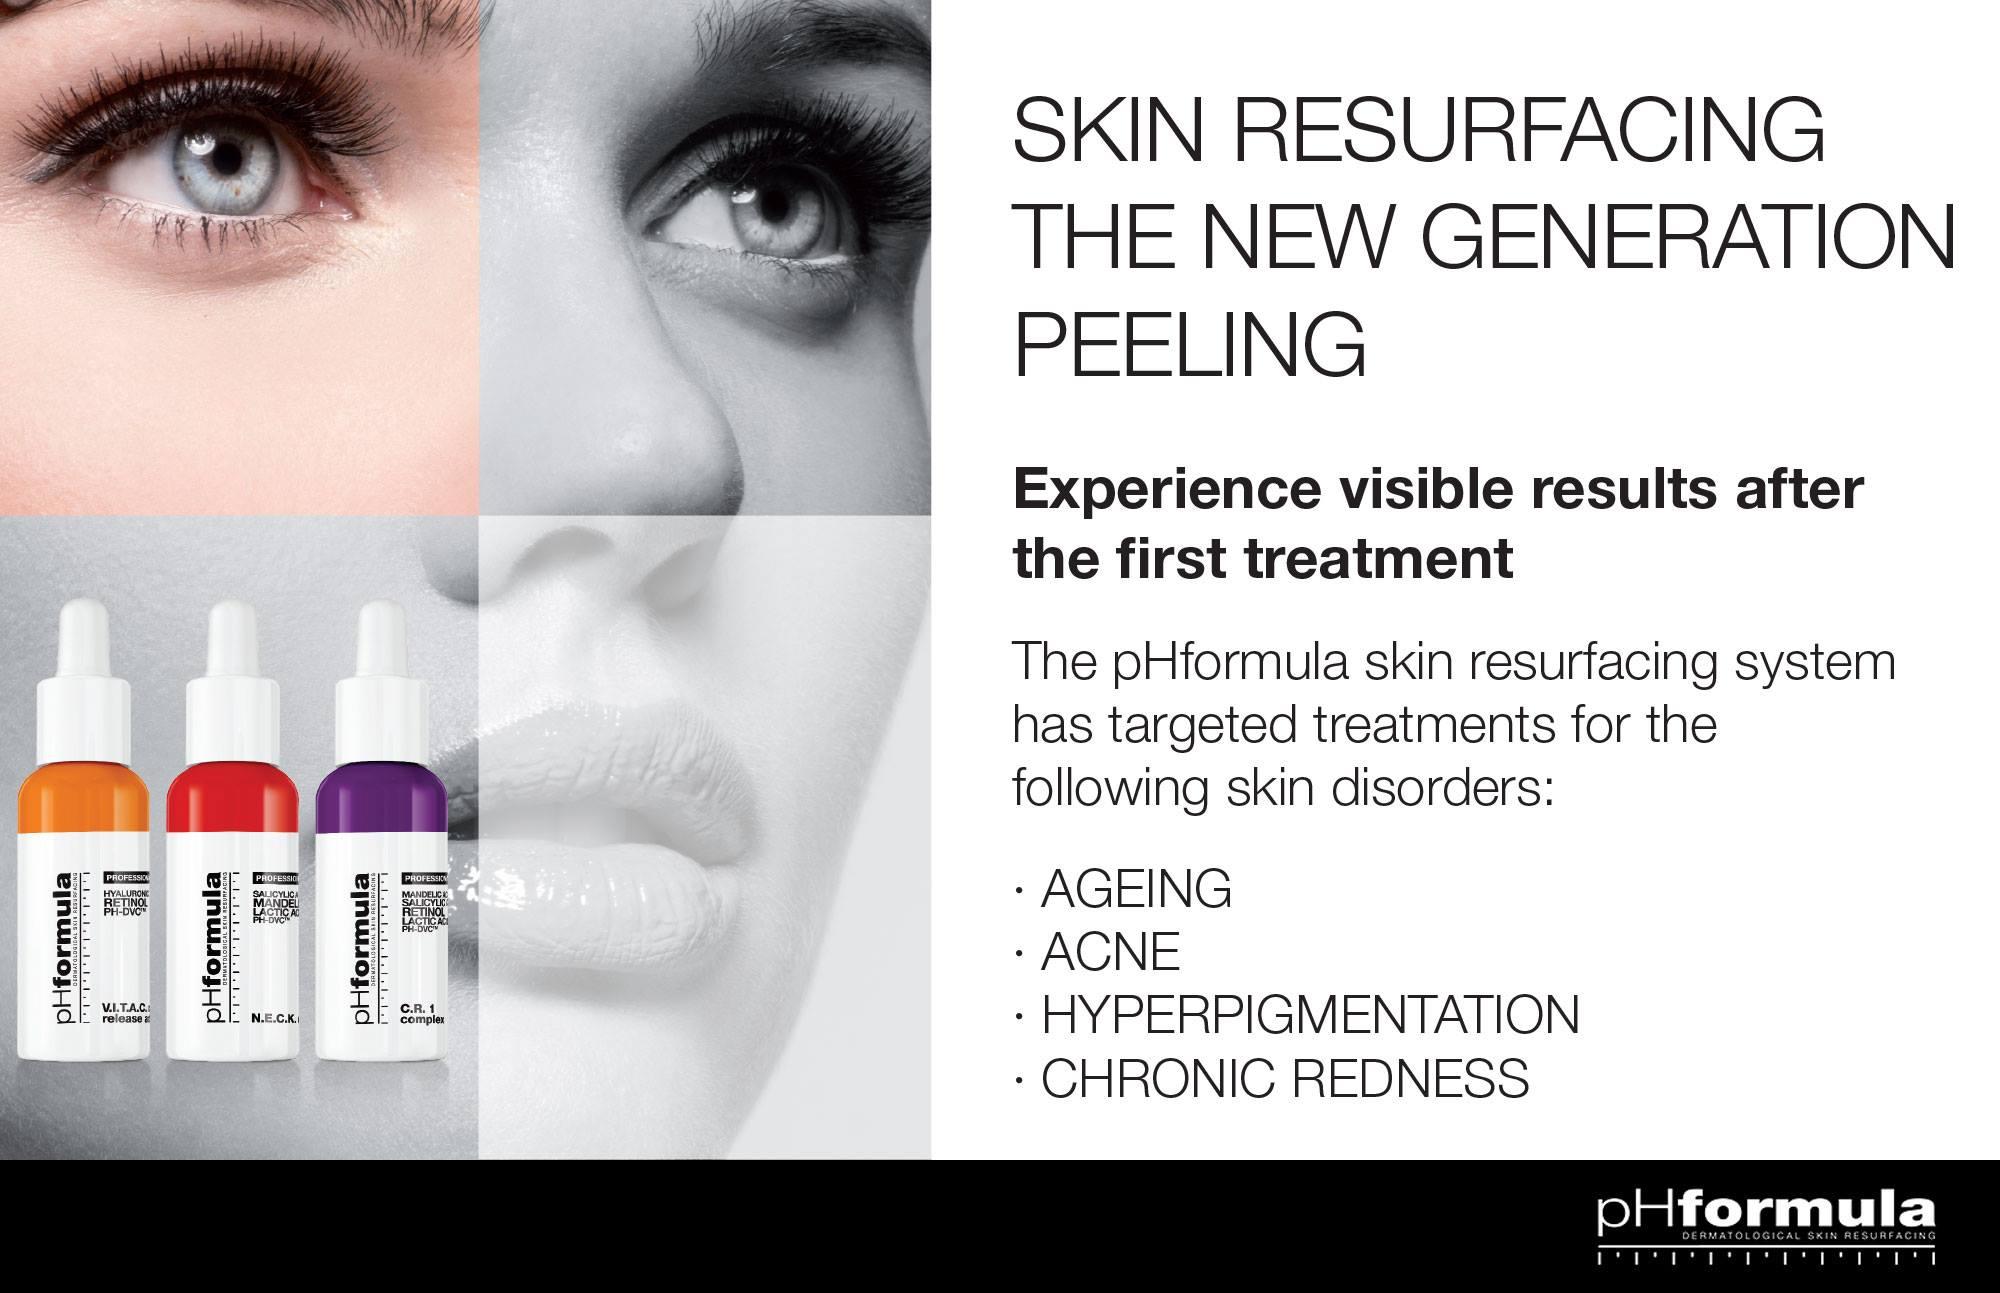 Phformula-skin-resurfacing